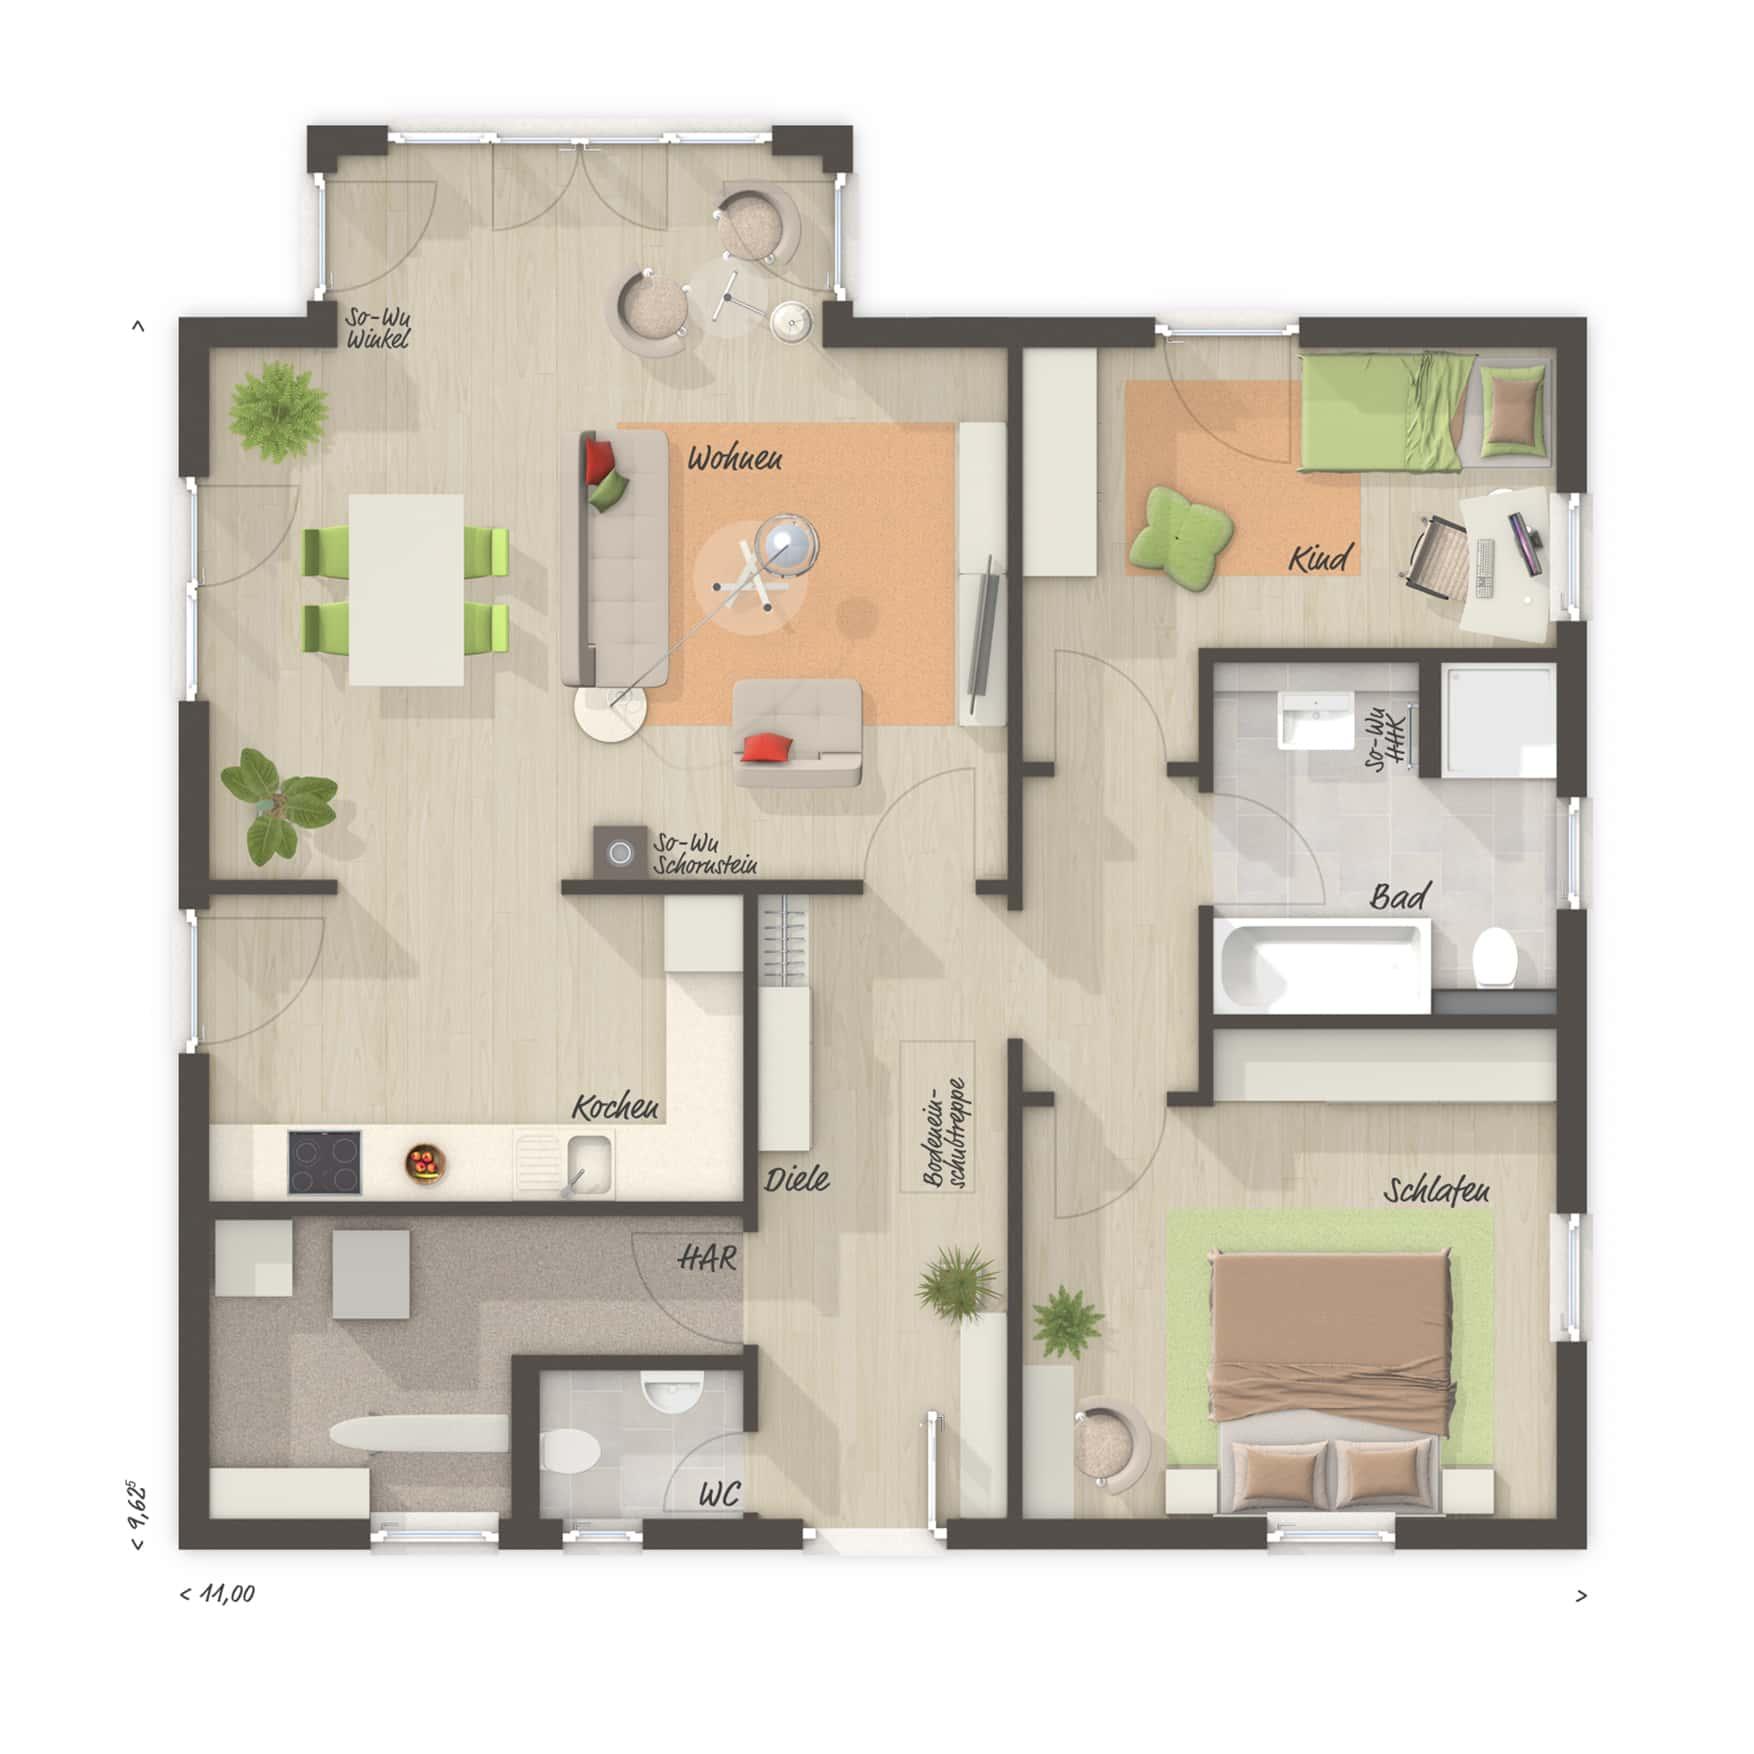 Bungalow Haus Grundriss 3 Zimmer, 90 qm mit Gäste-WC & Walmdach - Massivhaus bauen Ideen Town Country Haus Bungalow 92 - HausbauDirekt.de